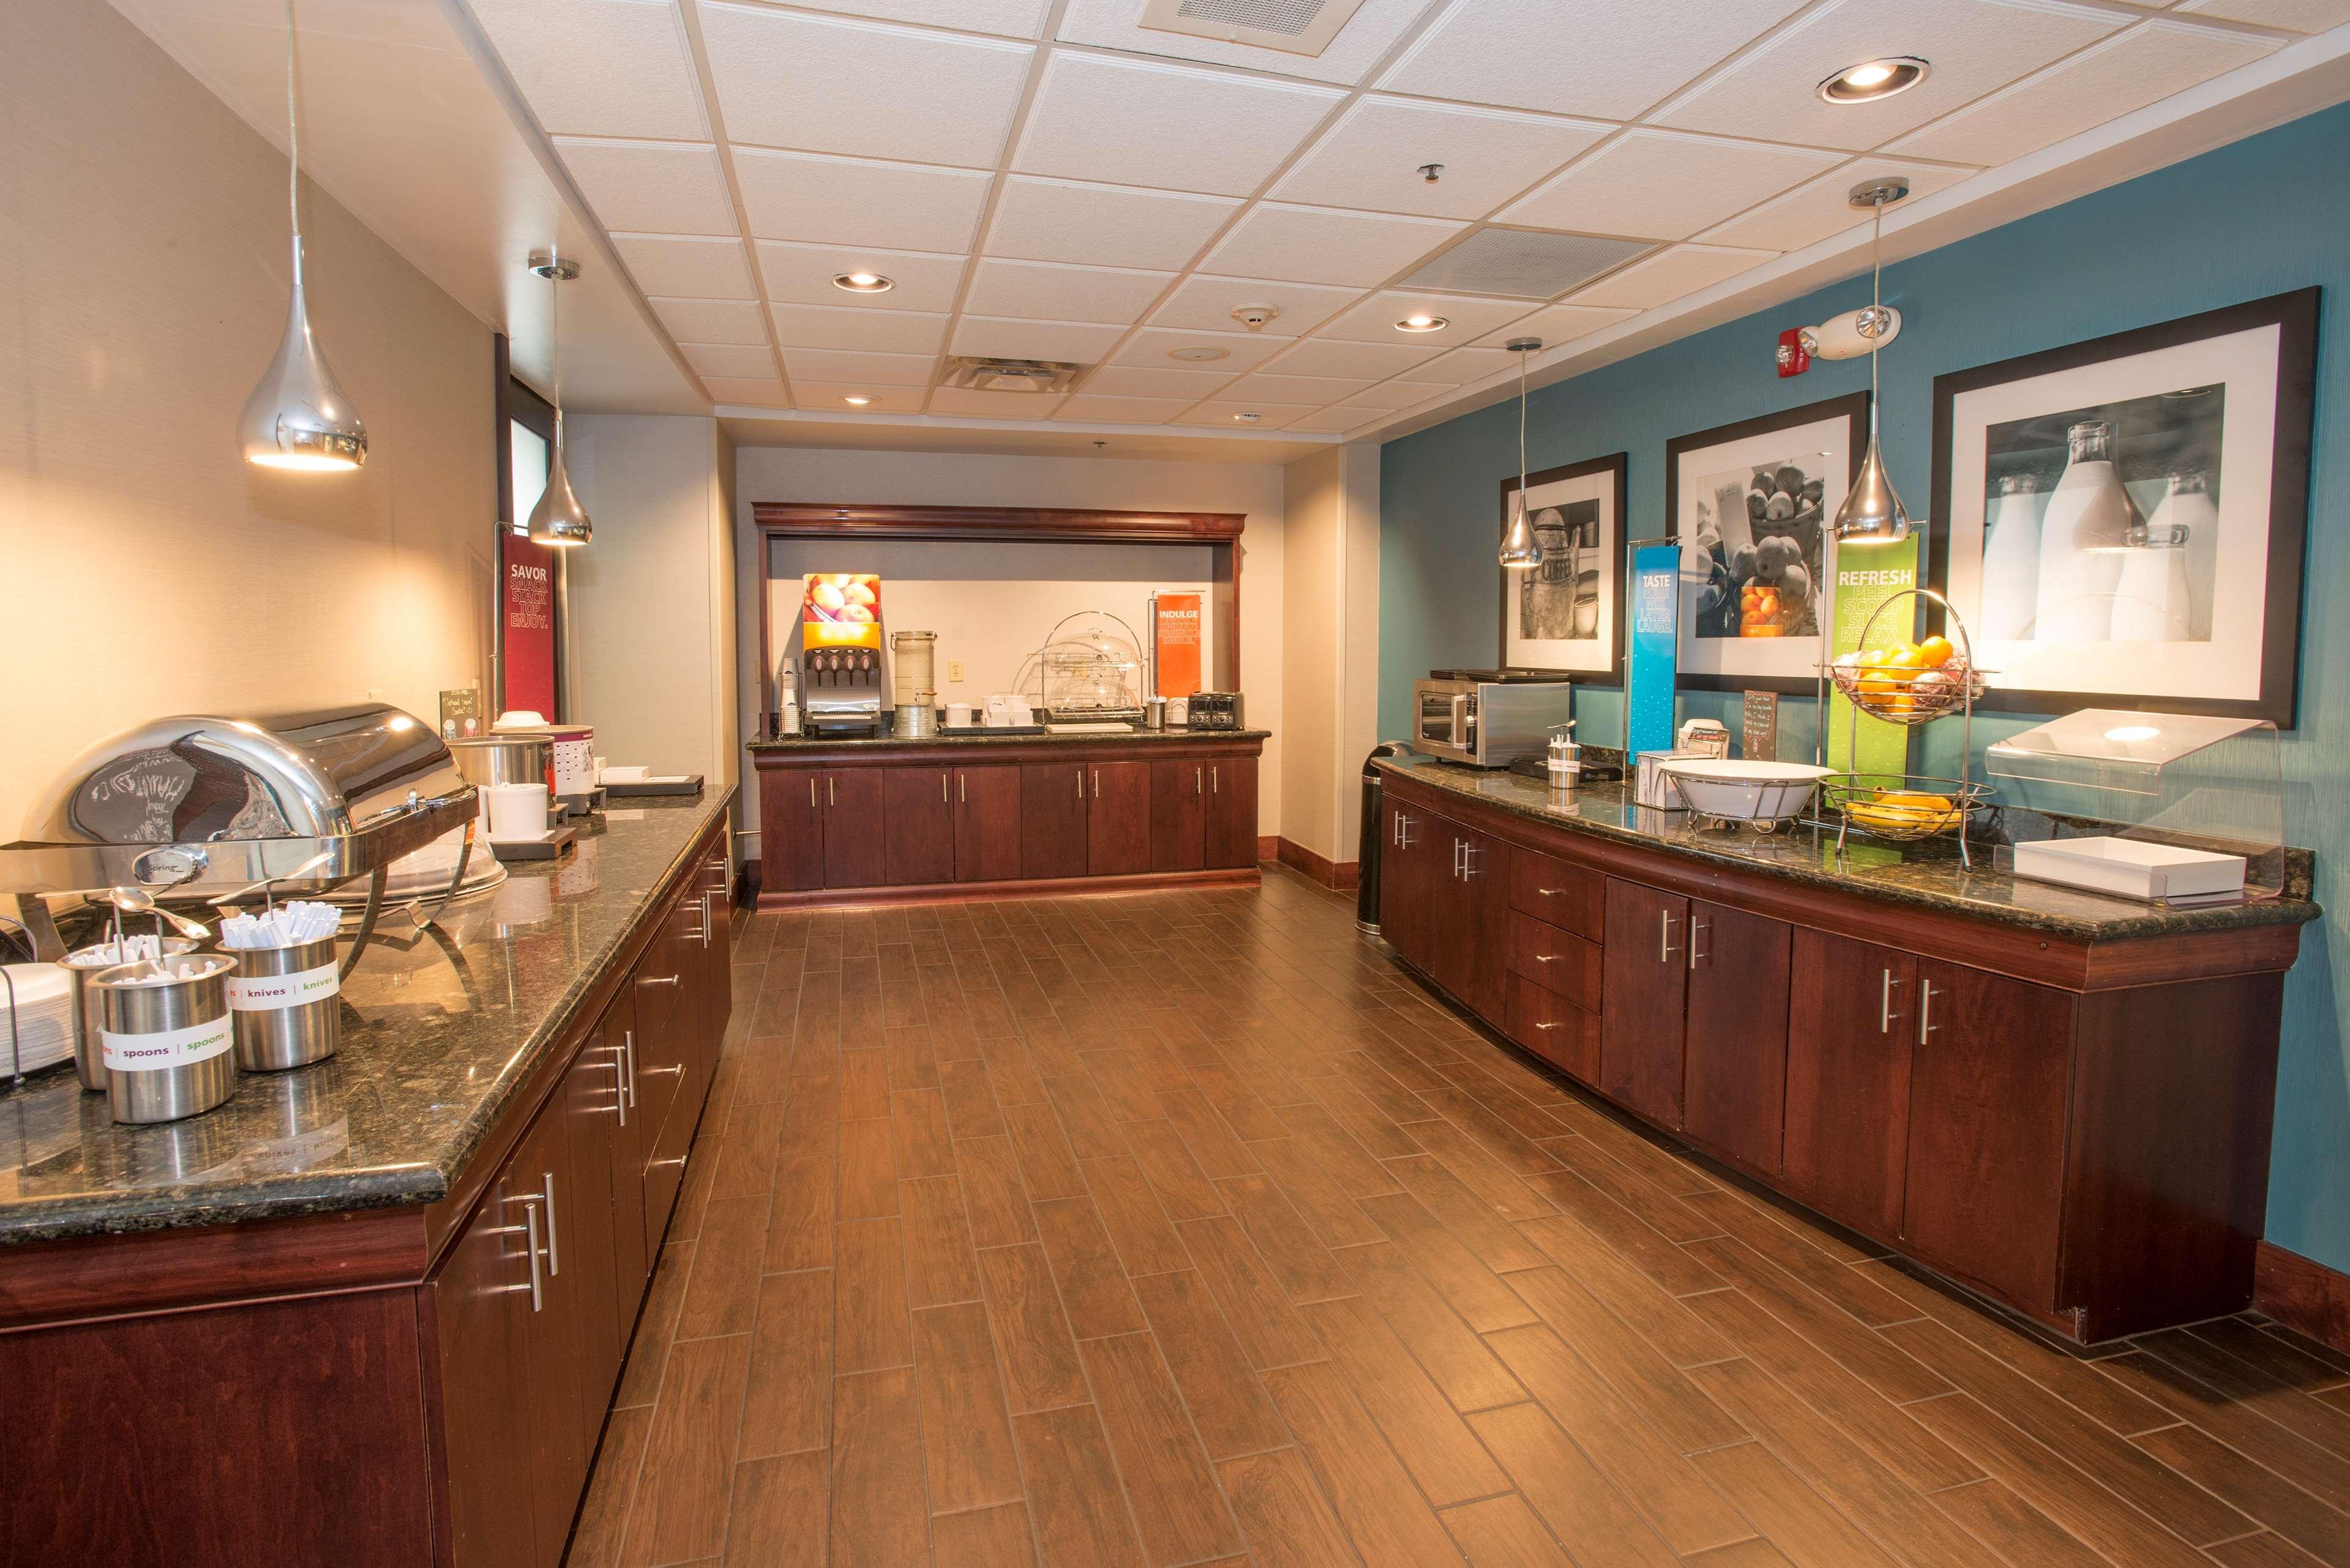 Hampton Inn & Suites Dayton-Airport image 12